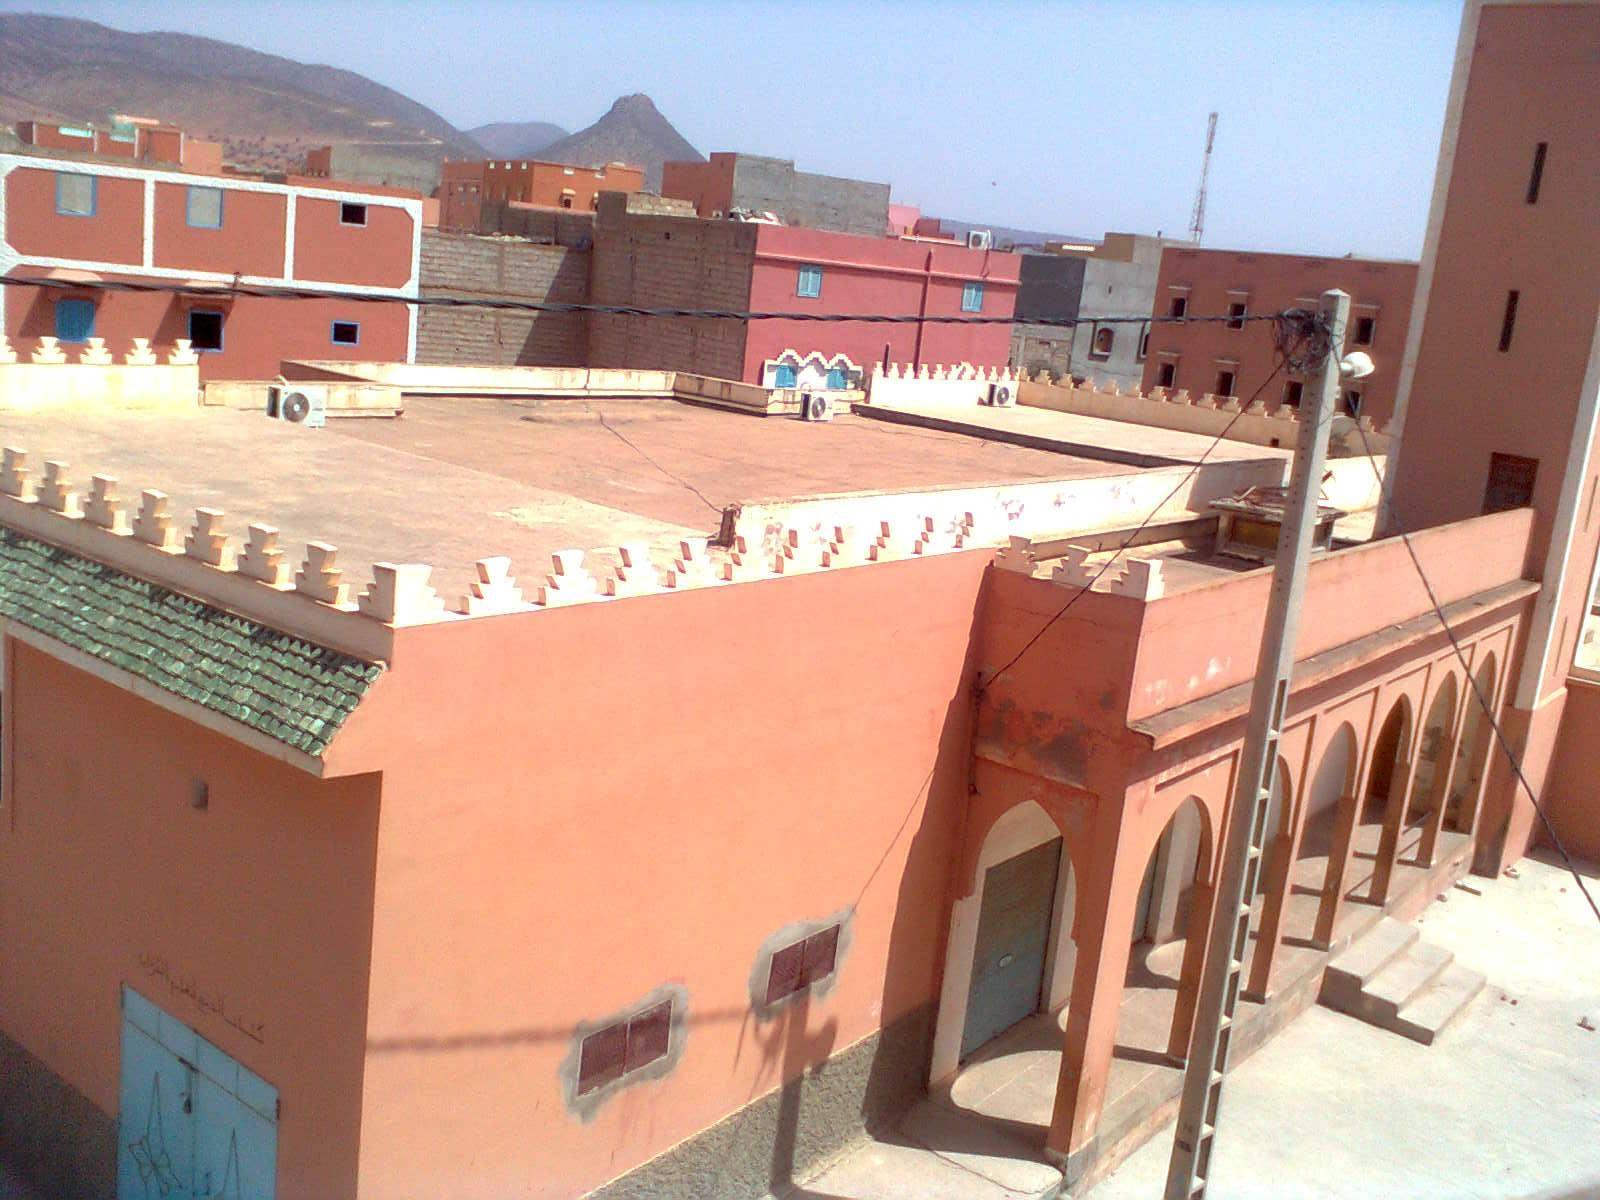 المسجد الأكبر بالجماعة القروية لبونعمان موصود الأبواب منذ عام .. والسكان يتساءلون